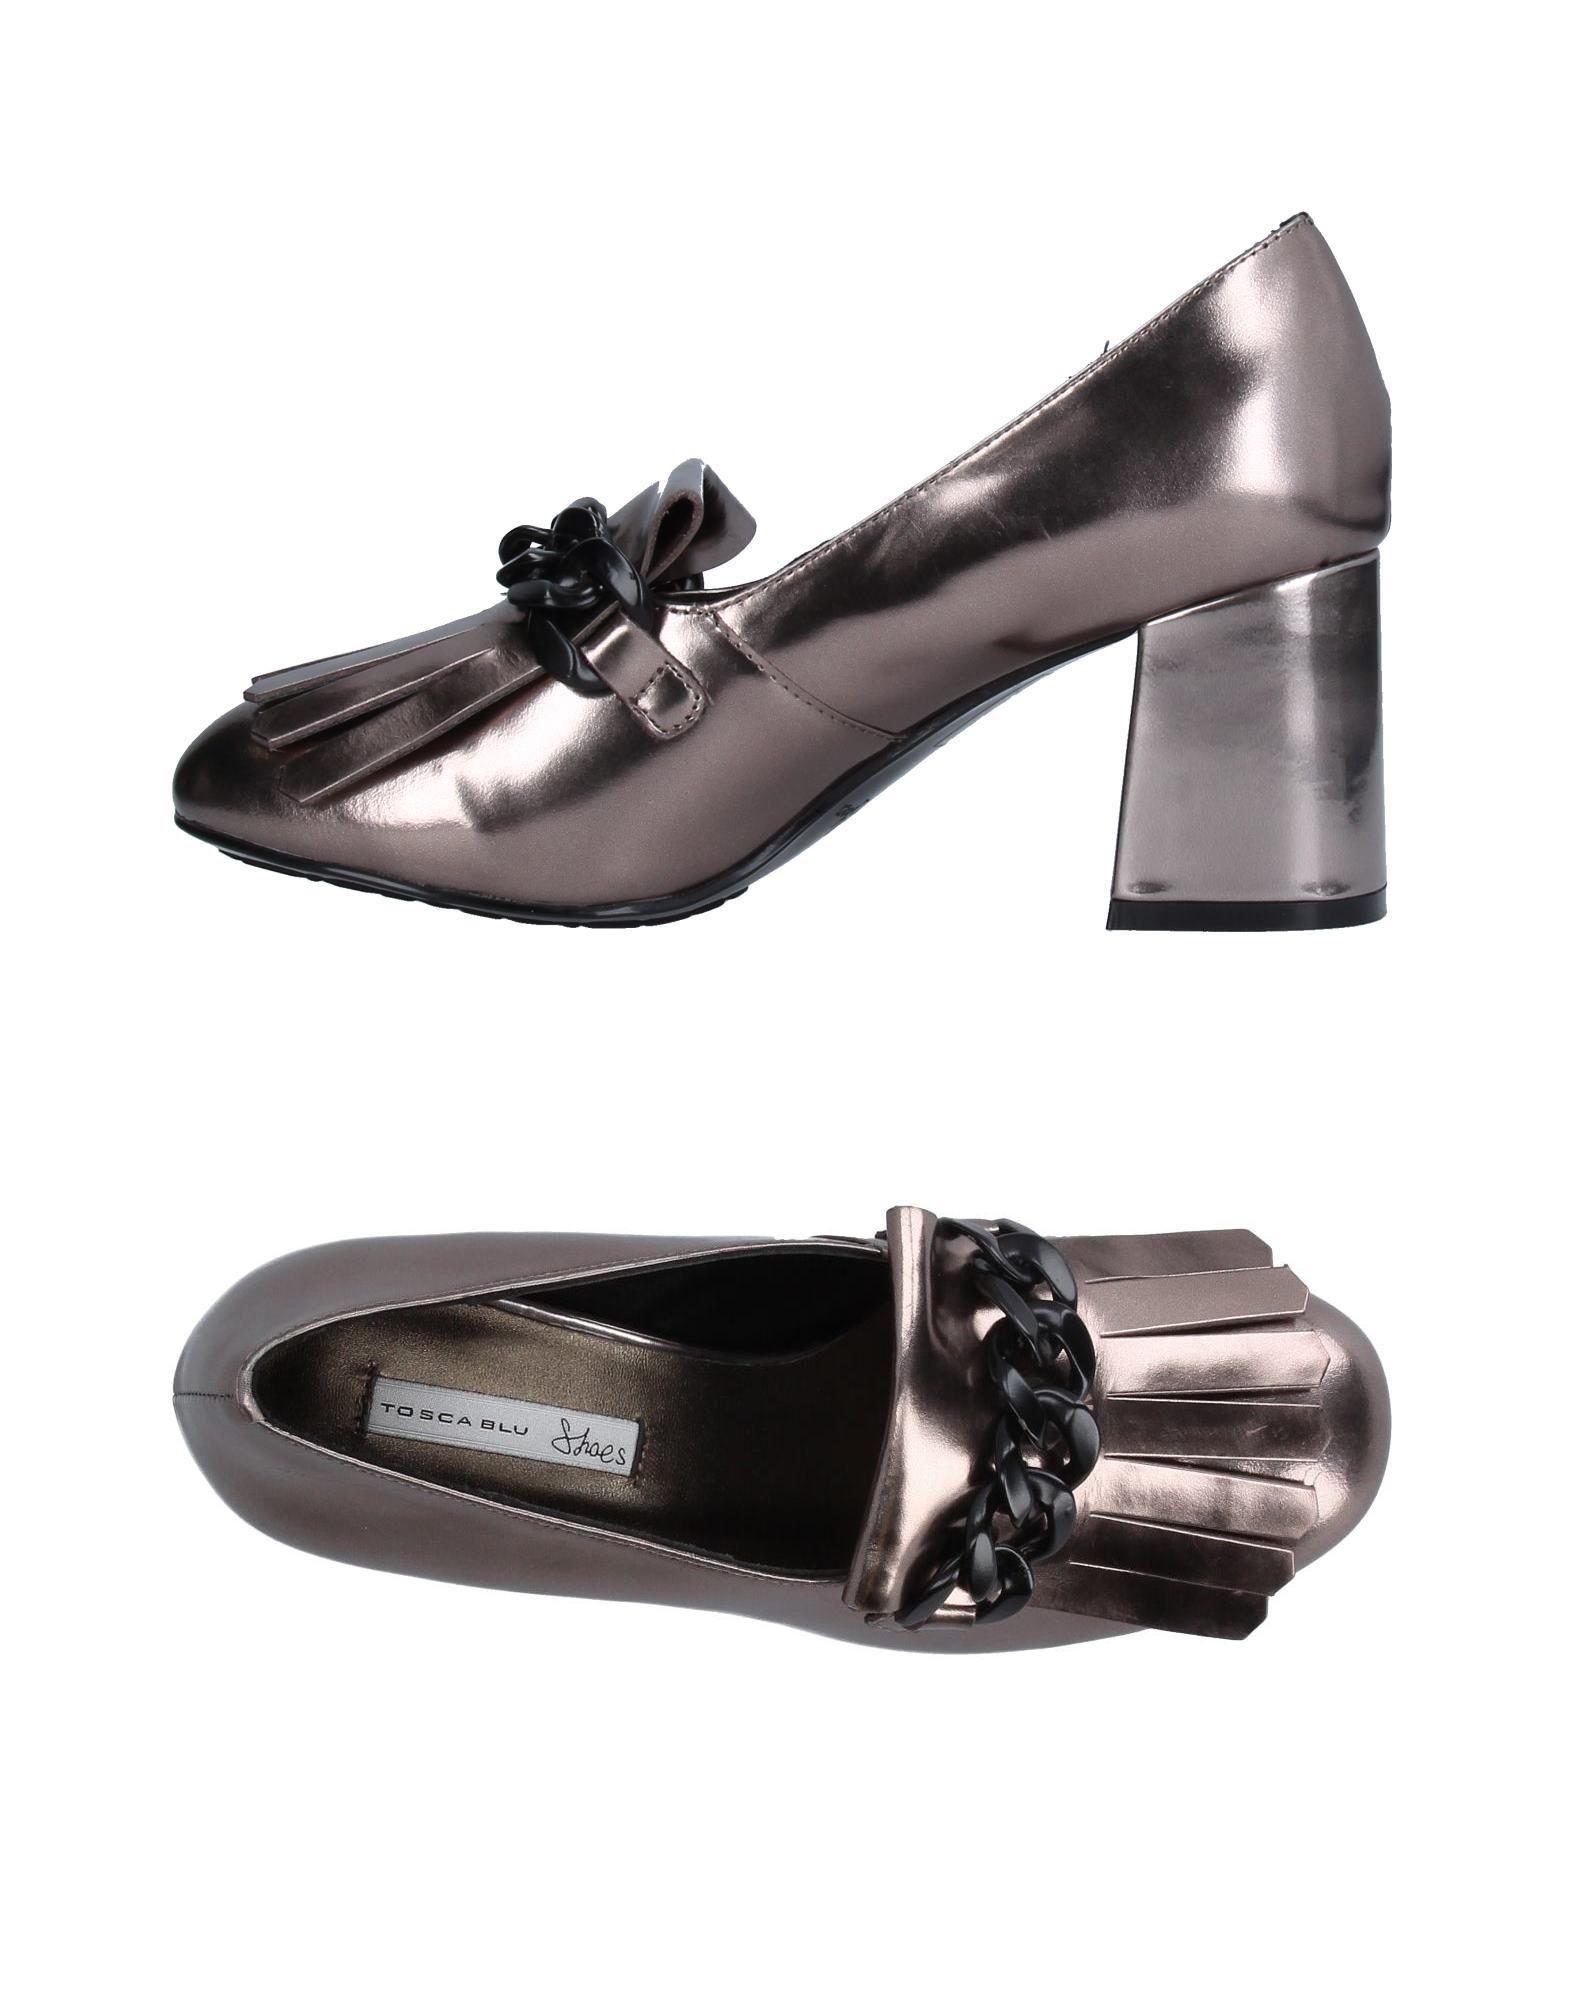 Mocassino Tosca Blu Shoes Donna - 11232612KE